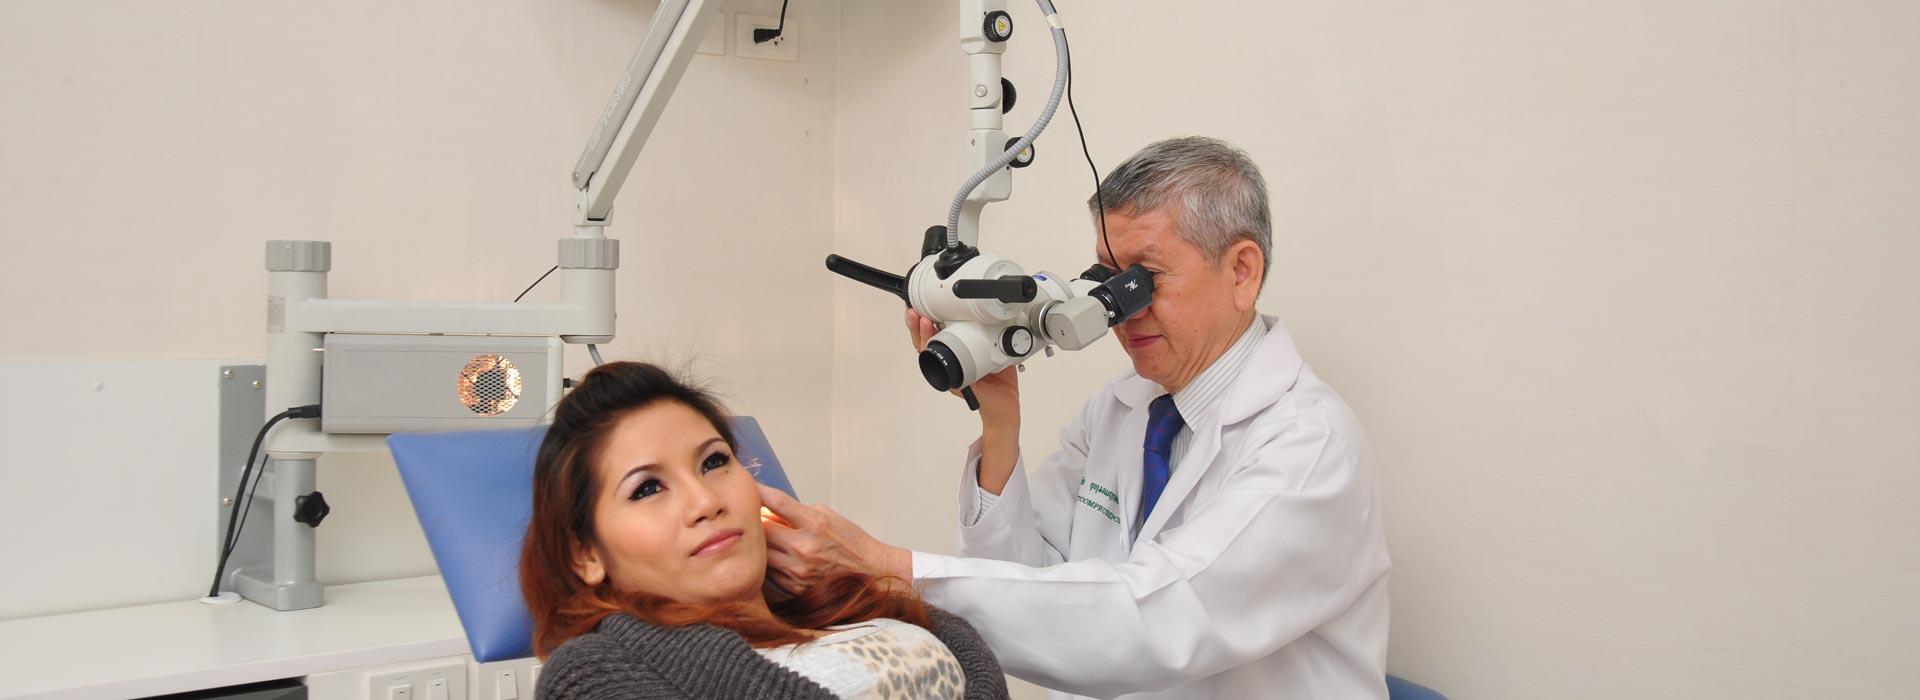 <small>หูอื้อ หูตึง เวียนหัว เสียงในหู</small>ปรึกษาแพทย์ผู้เชี่ยวชาญเฉพาะทาง